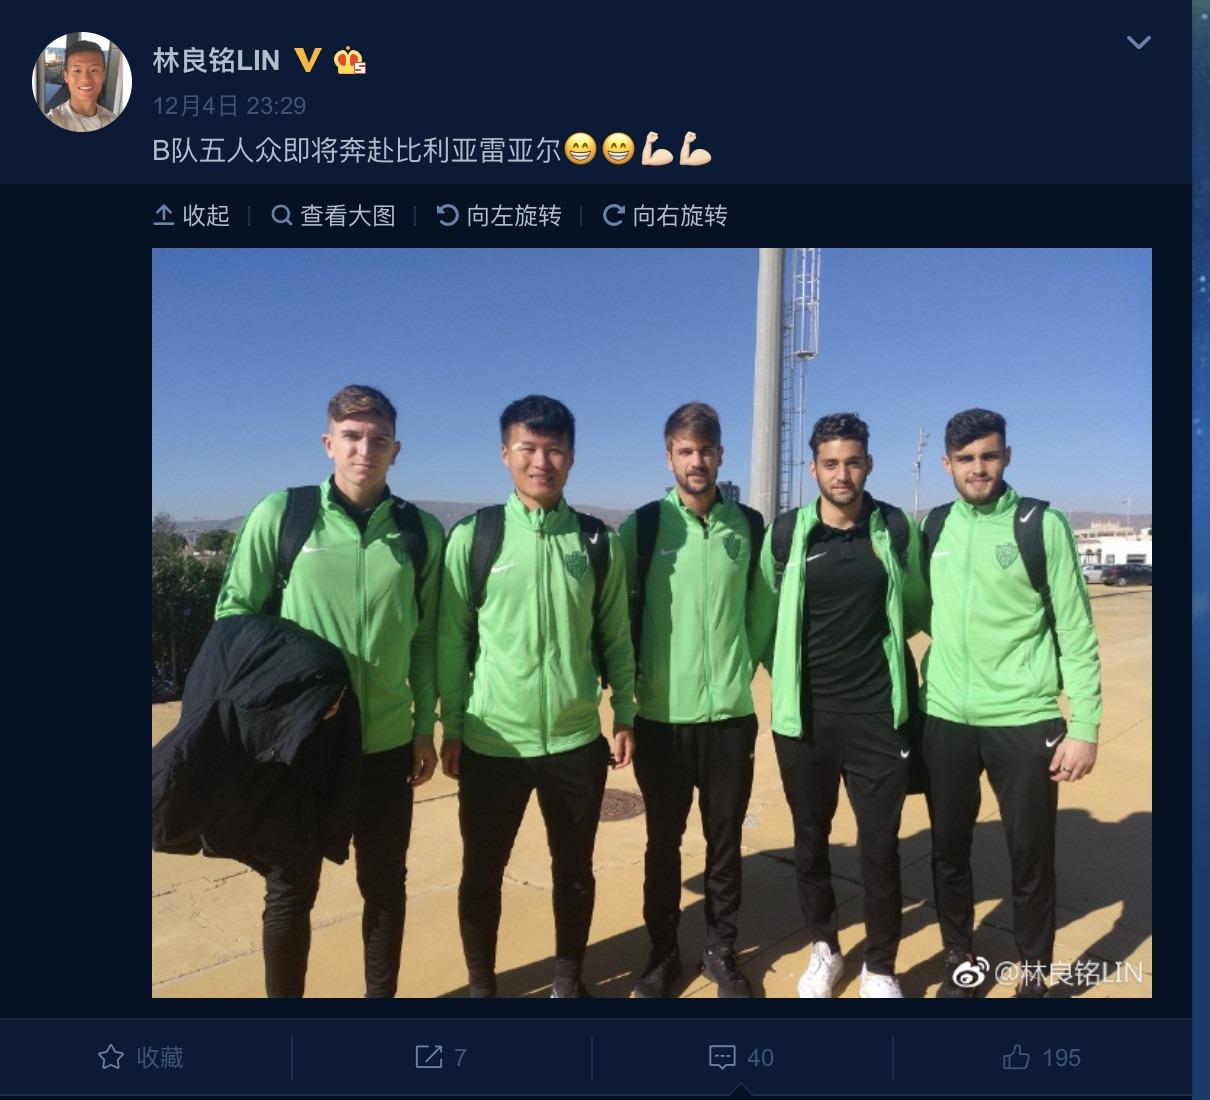 大战西甲劲旅!国奥锋霸出征国王杯 中国足球留洋新旗帜